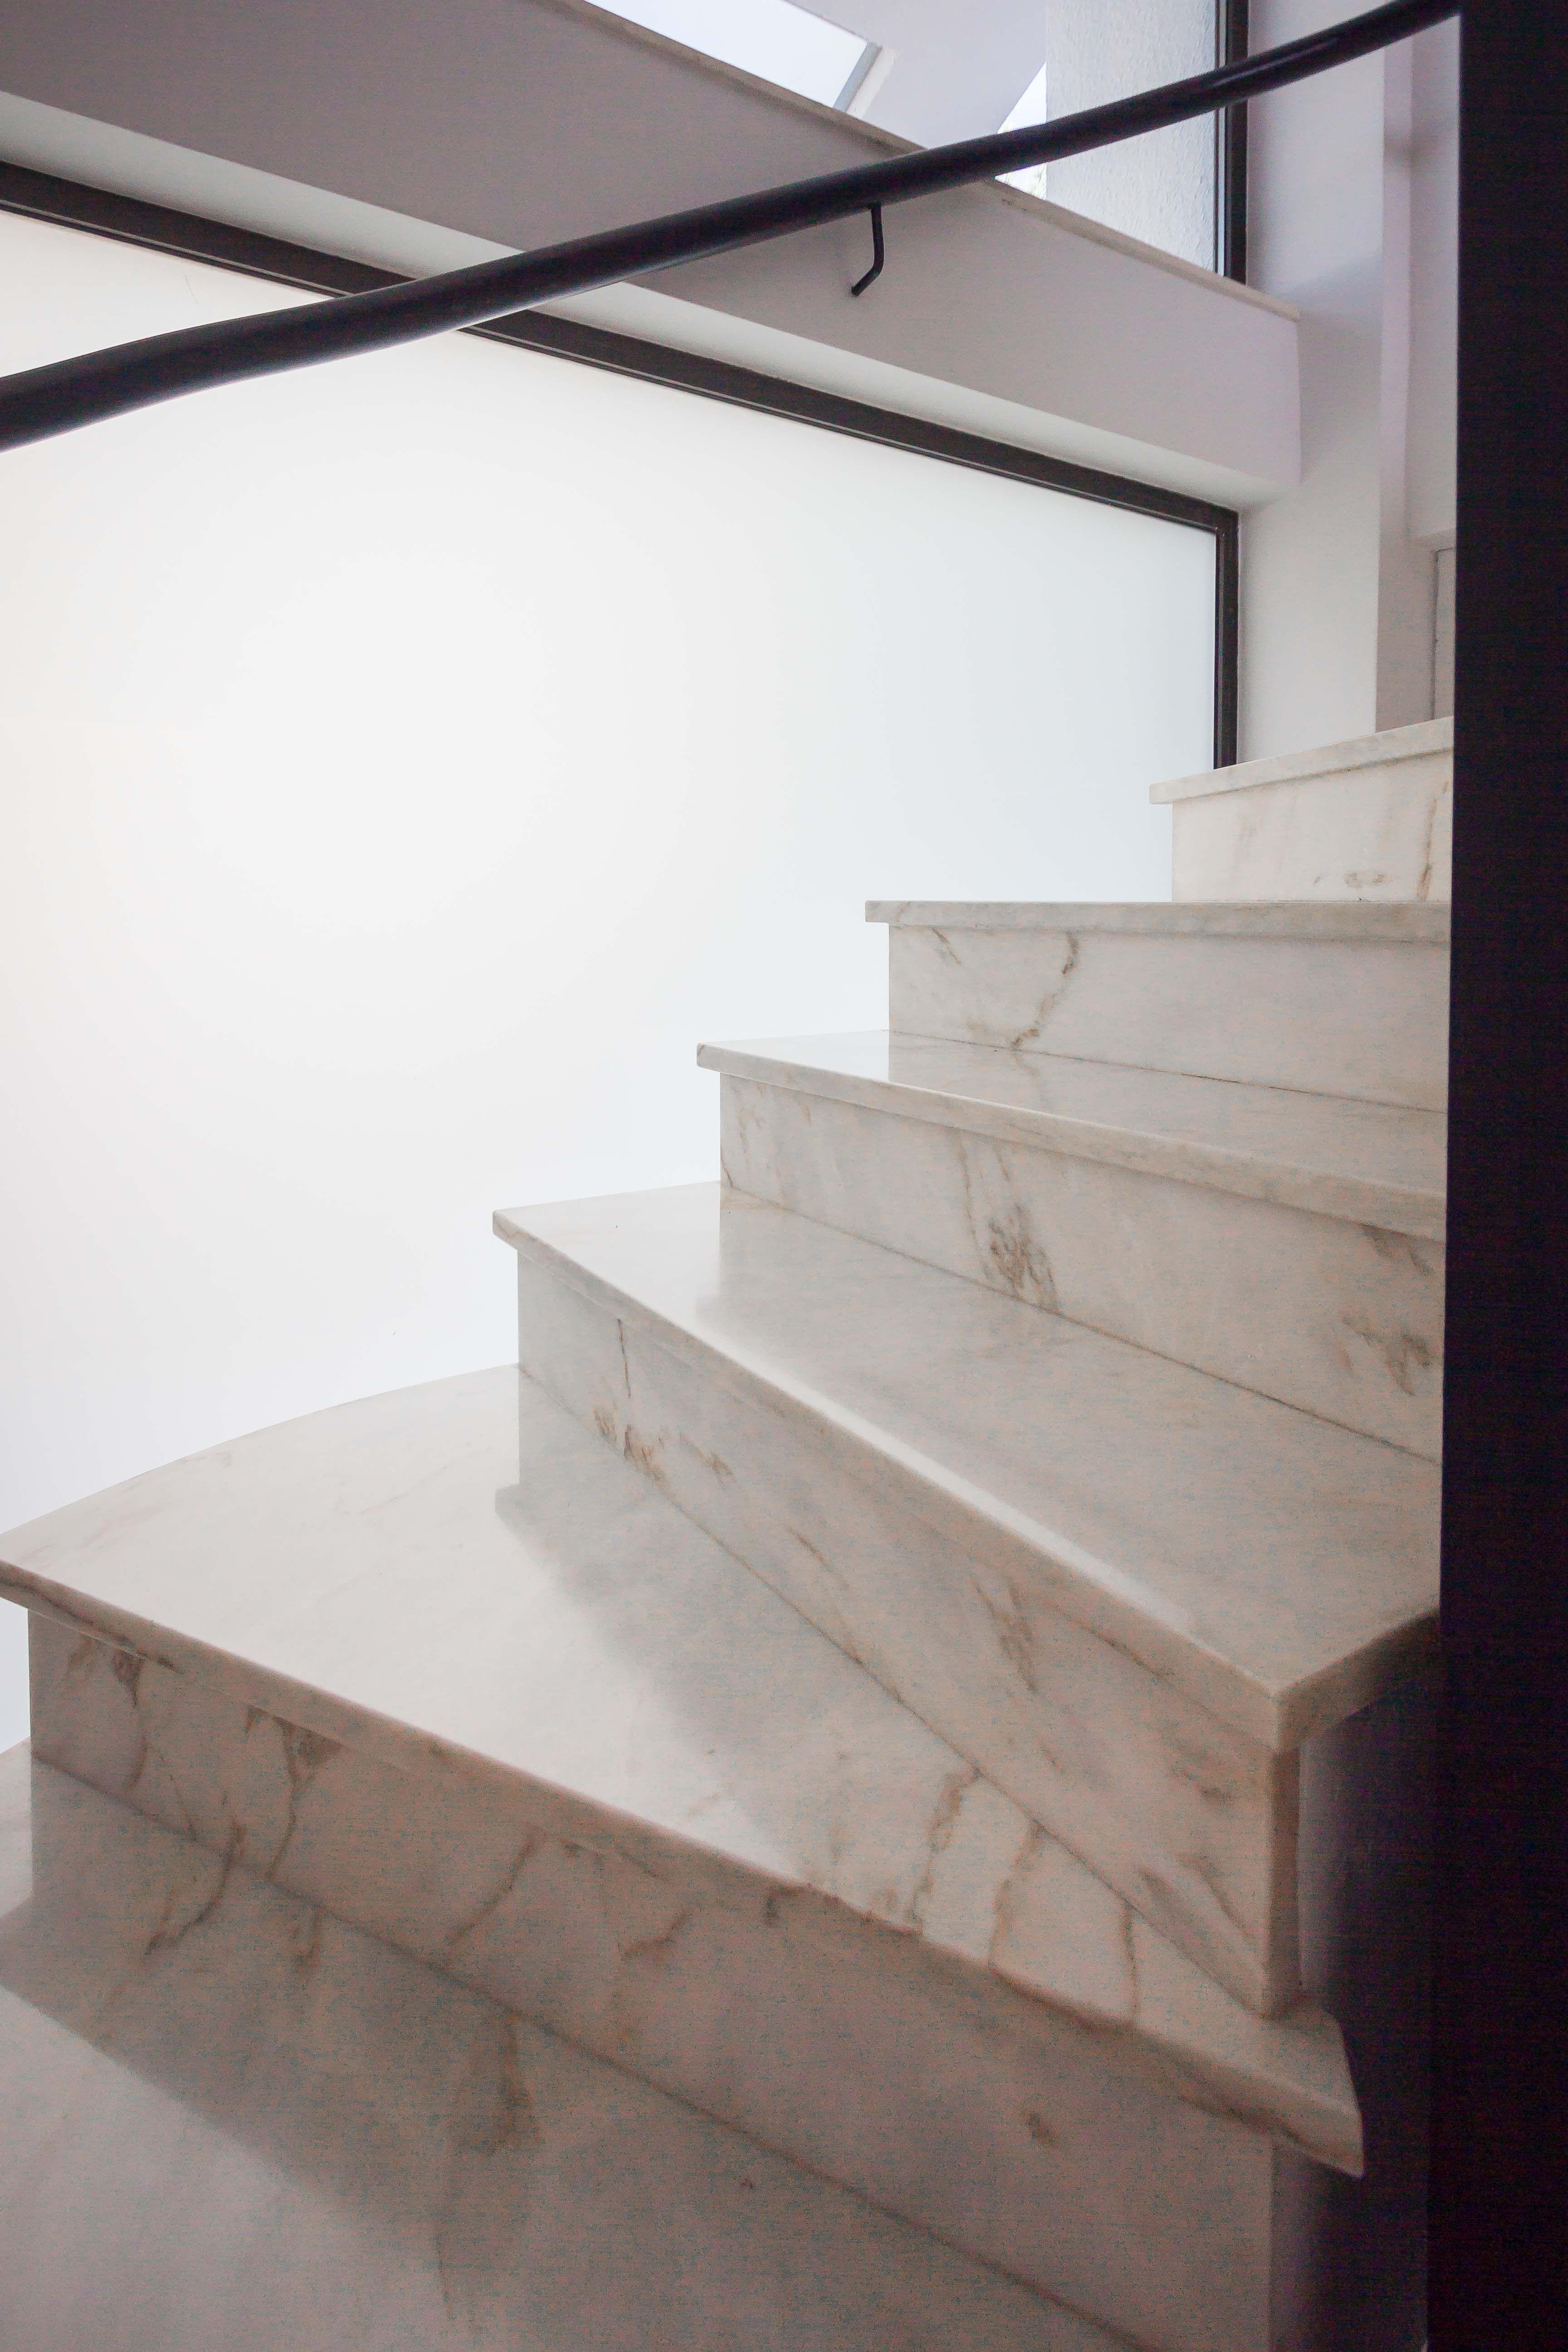 Casa march reforma total m rmol blanco grandes for Marmol negro y blanco